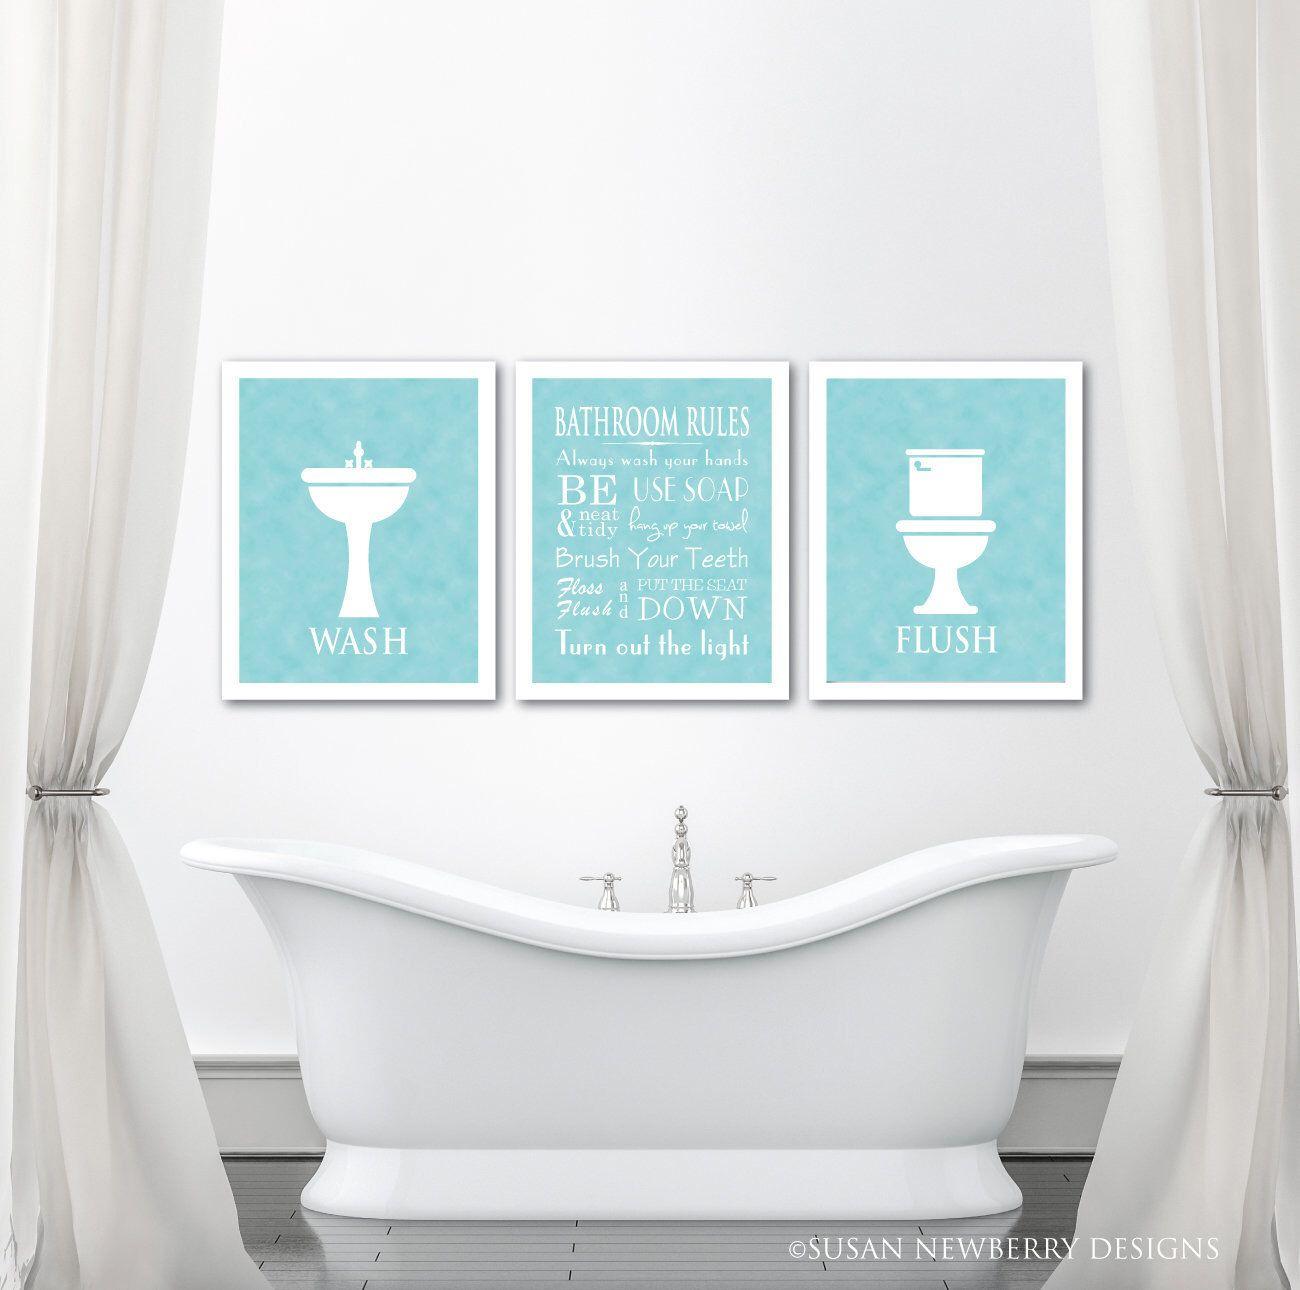 Bathroom Wall Art Trio Bathroom Rules Chalkboard Print Wash Flush Use Soap Brush Your Teeth Floss Bathroom Typography Wall Decor Typography Wall Decor Bathroom Wall Art Bathroom Rules